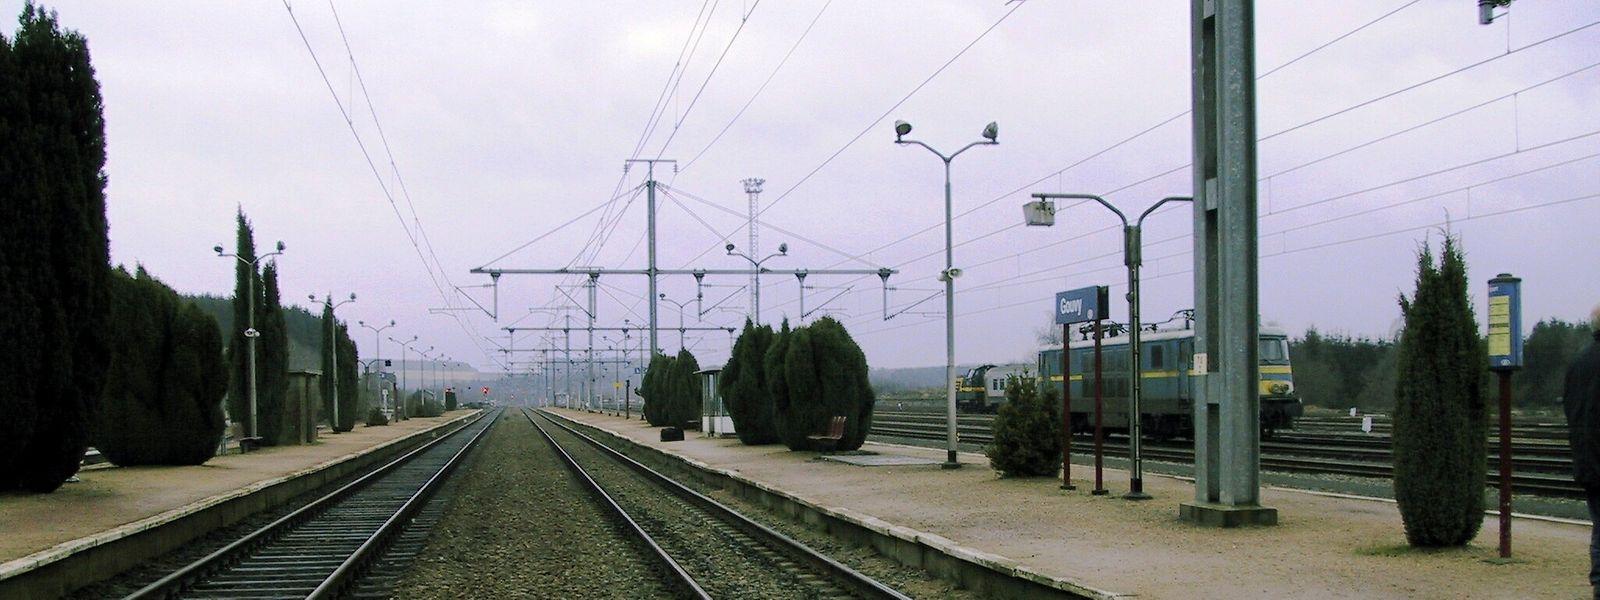 Les usagers luxembourgeois réclament un cadencement toutes les heures vers Liège et souhaitent voir la mise en place d'une double voie sur l'ensemble de la ligne 42.